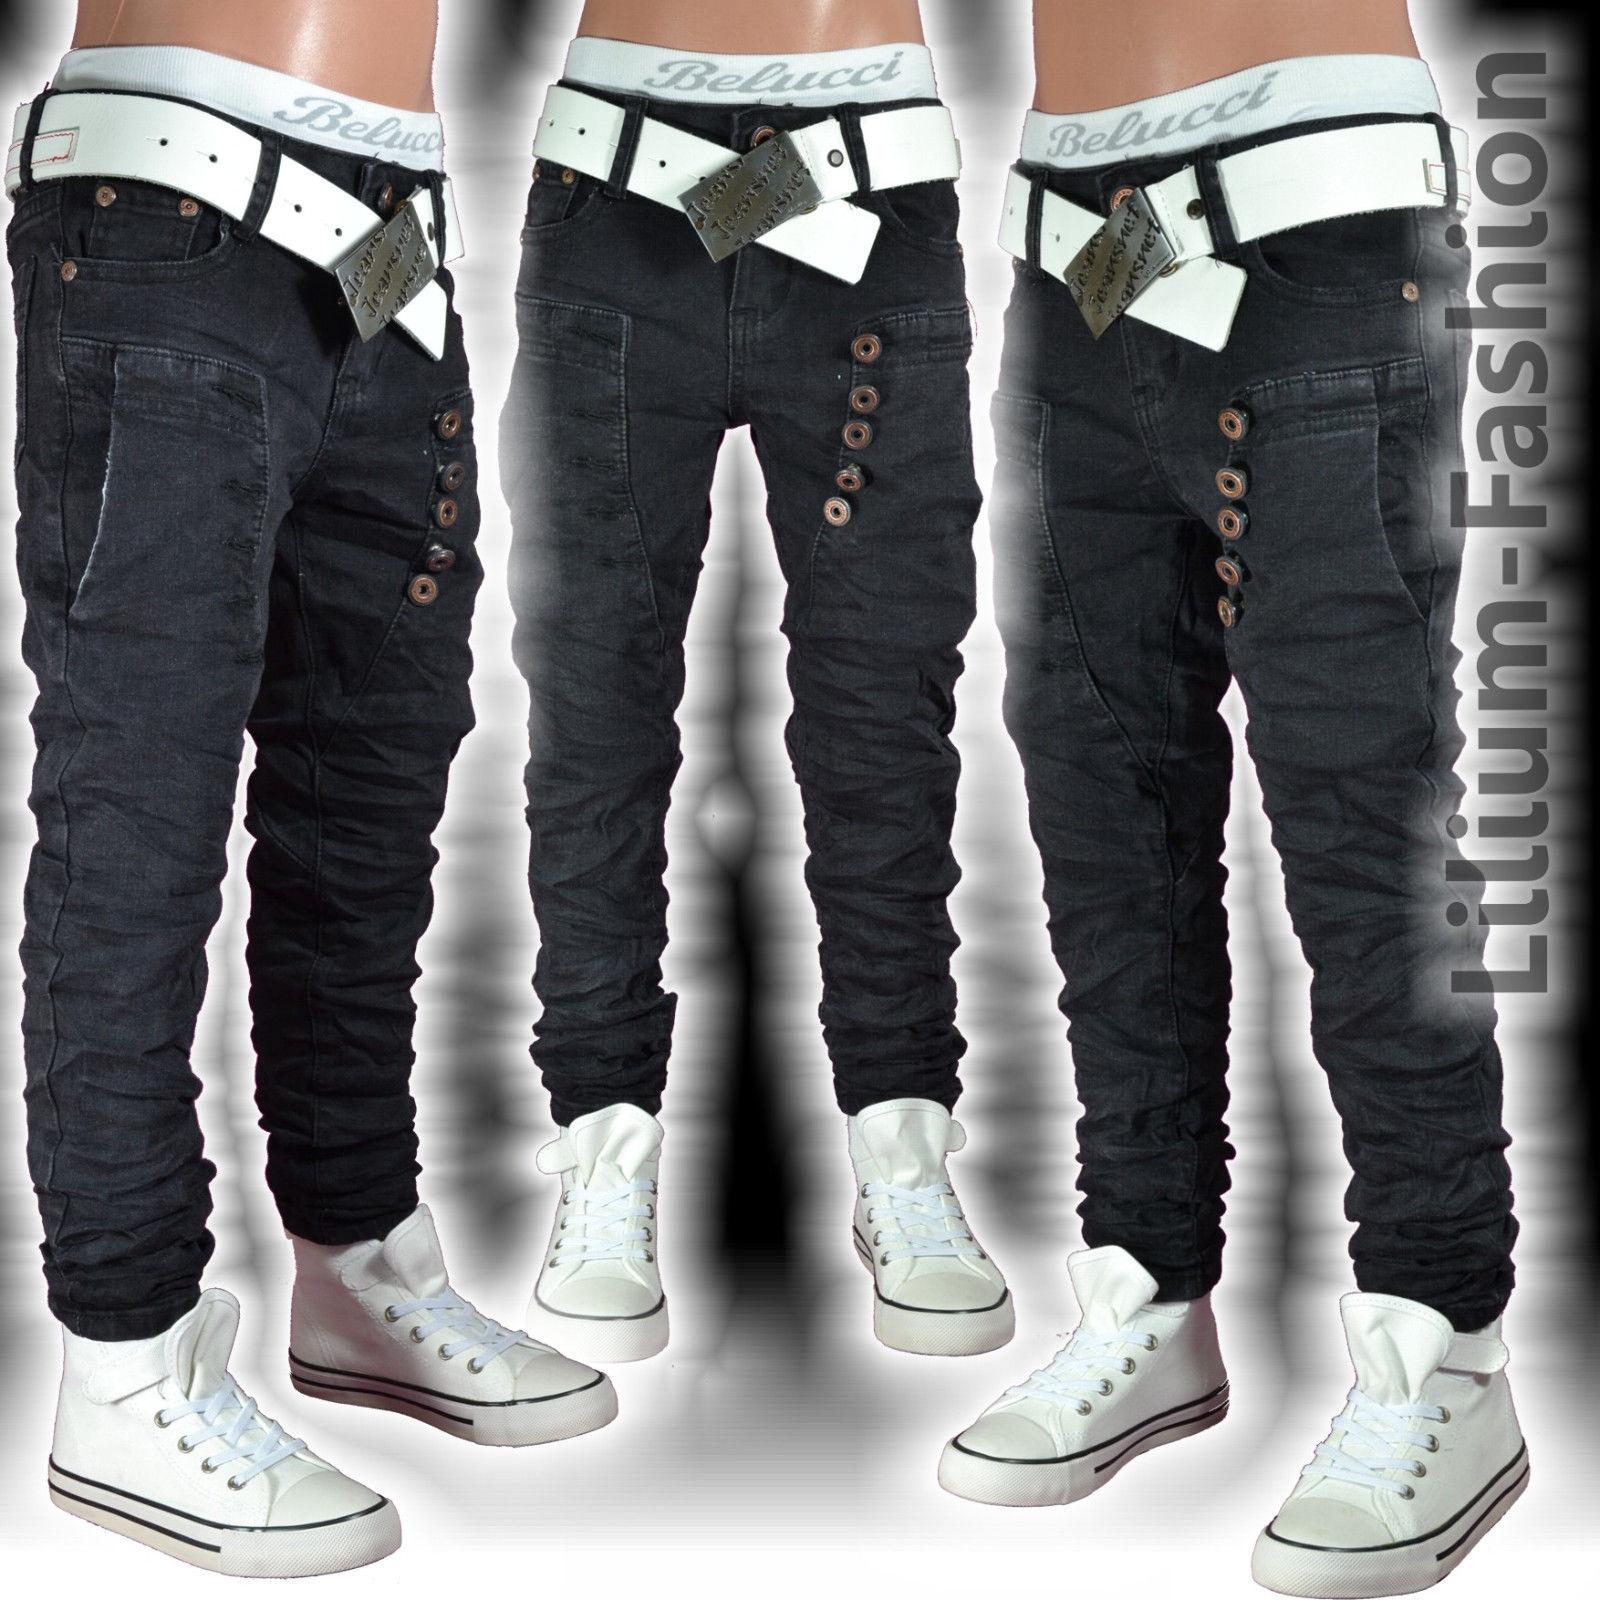 ST-012 Jeans Hose Junge Kinder schwarz SLIM-FIT Skinny Röhrenjeans Stretch